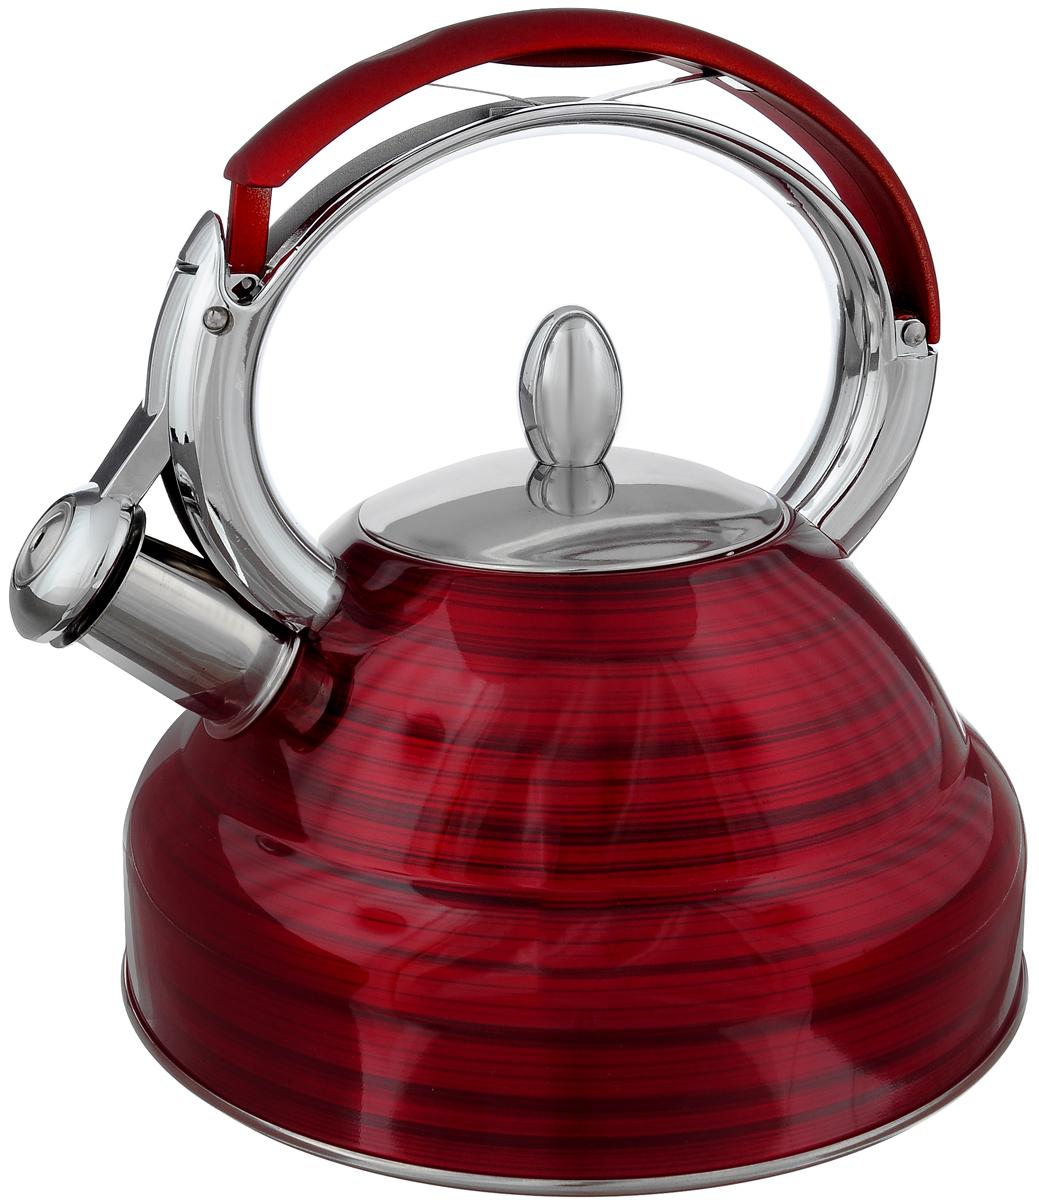 Чайник Mayer & Boch, со свистком, цвет: красный, 2,7 л. 2320523205Чайник Mayer & Boch выполнен из высококачественной нержавеющей стали, что делает его весьма гигиеничным и устойчивым к износу при длительном использовании. Носик чайника оснащен насадкой-свистком, что позволит вам контролировать процесс подогрева или кипячения воды. Фиксированная ручка, изготовленная из нейлона и цинка, дает дополнительное удобство при разлитии напитка. Поверхность чайника гладкая, что облегчает уход за ним. Эстетичный и функциональный, с эксклюзивным дизайном, чайник будет оригинально смотреться в любом интерьере.Подходит для всех типов плит, включая индукционные. Можно мыть в посудомоечной машине.Высота чайника (без учета ручки и крышки): 11,5 см.Высота чайника (с учетом ручки и крышки): 24 см.Диаметр чайника (по верхнему краю): 10 см.